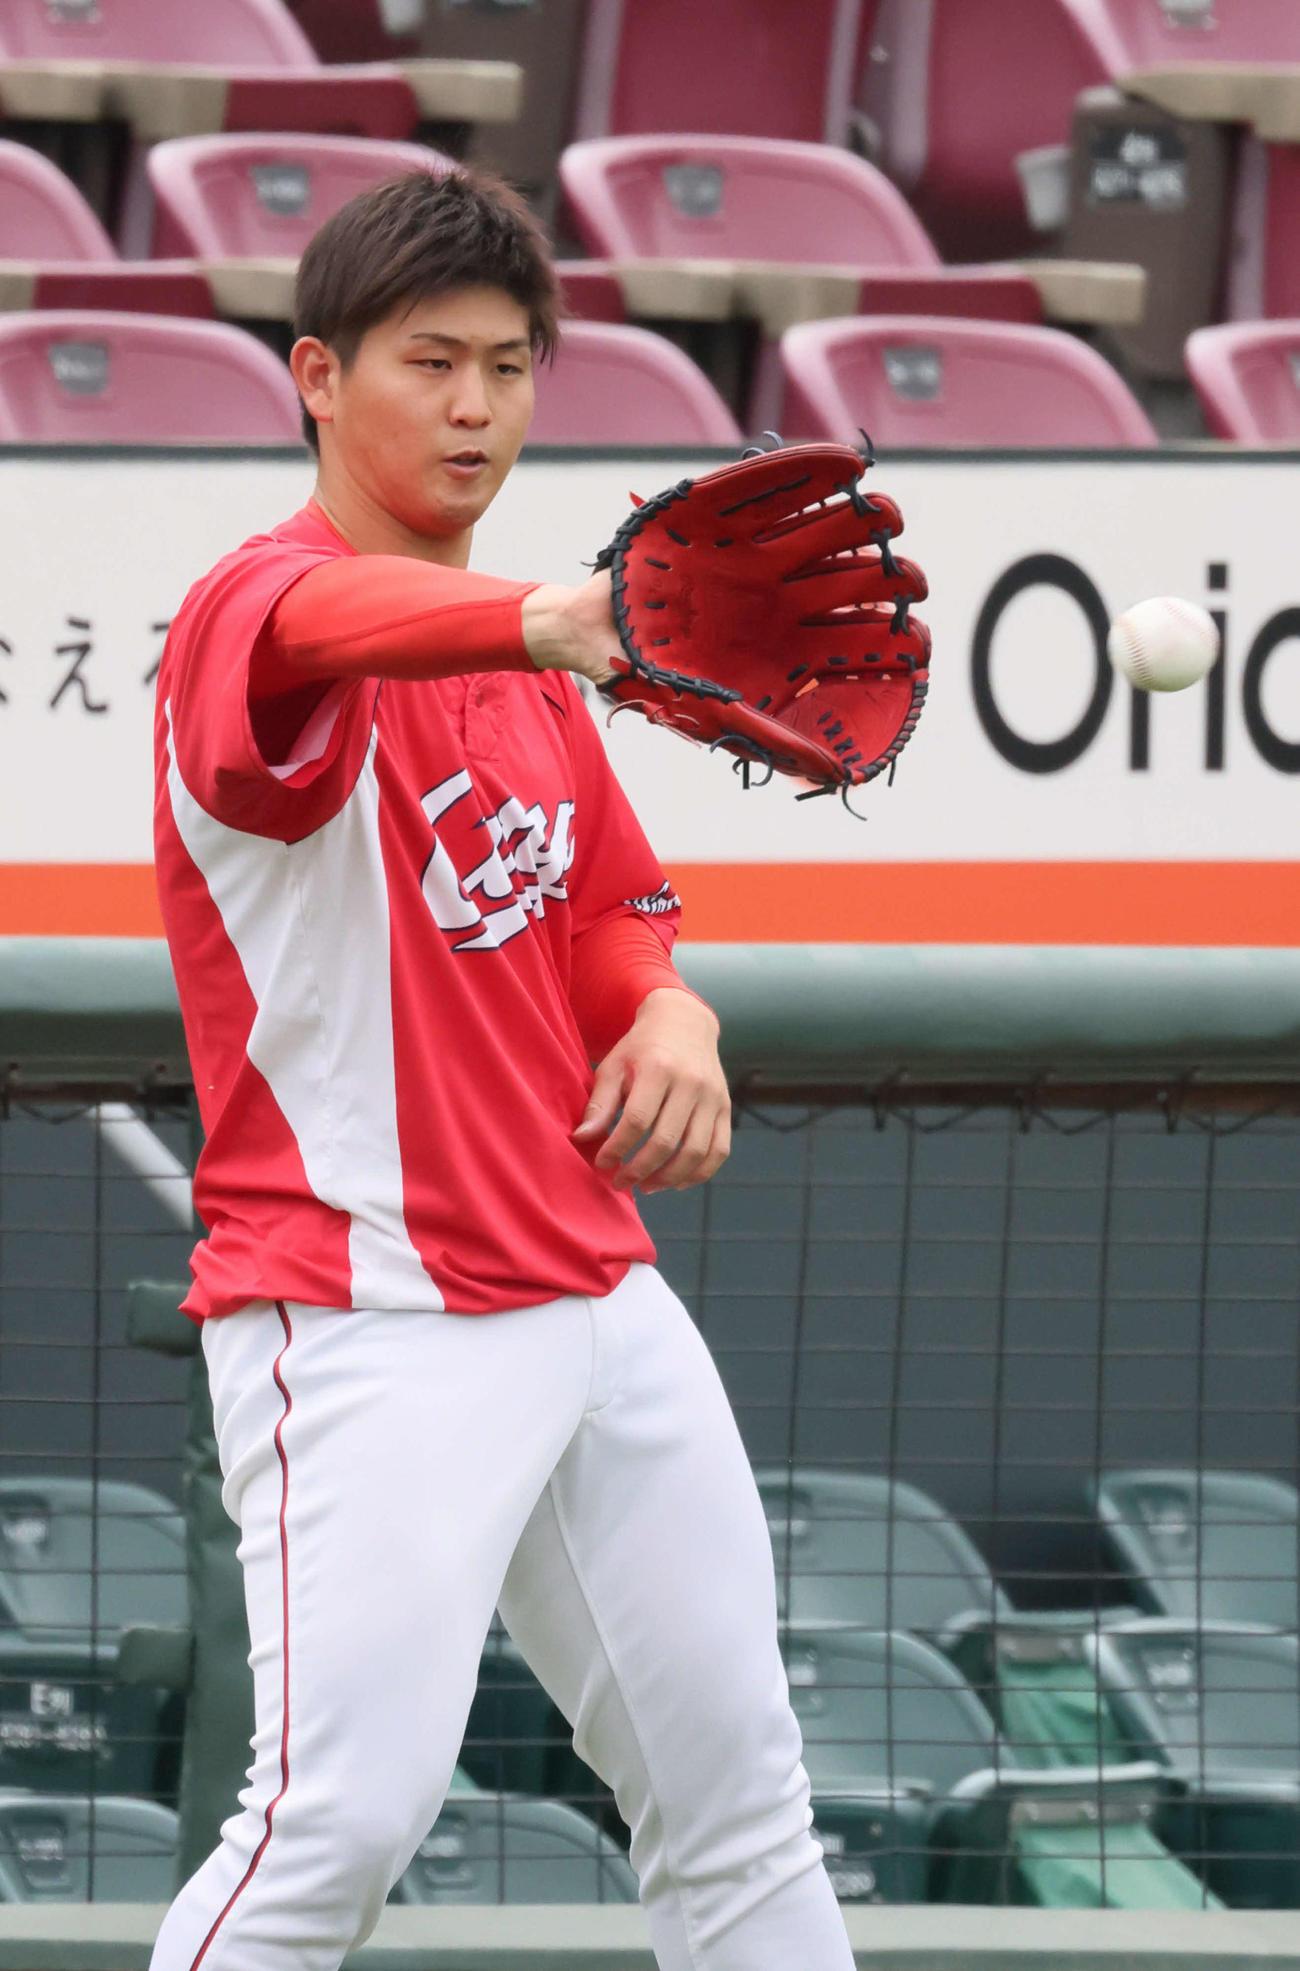 広島投手指名練習 キャッチボールをする高橋昂(撮影・加藤孝規)